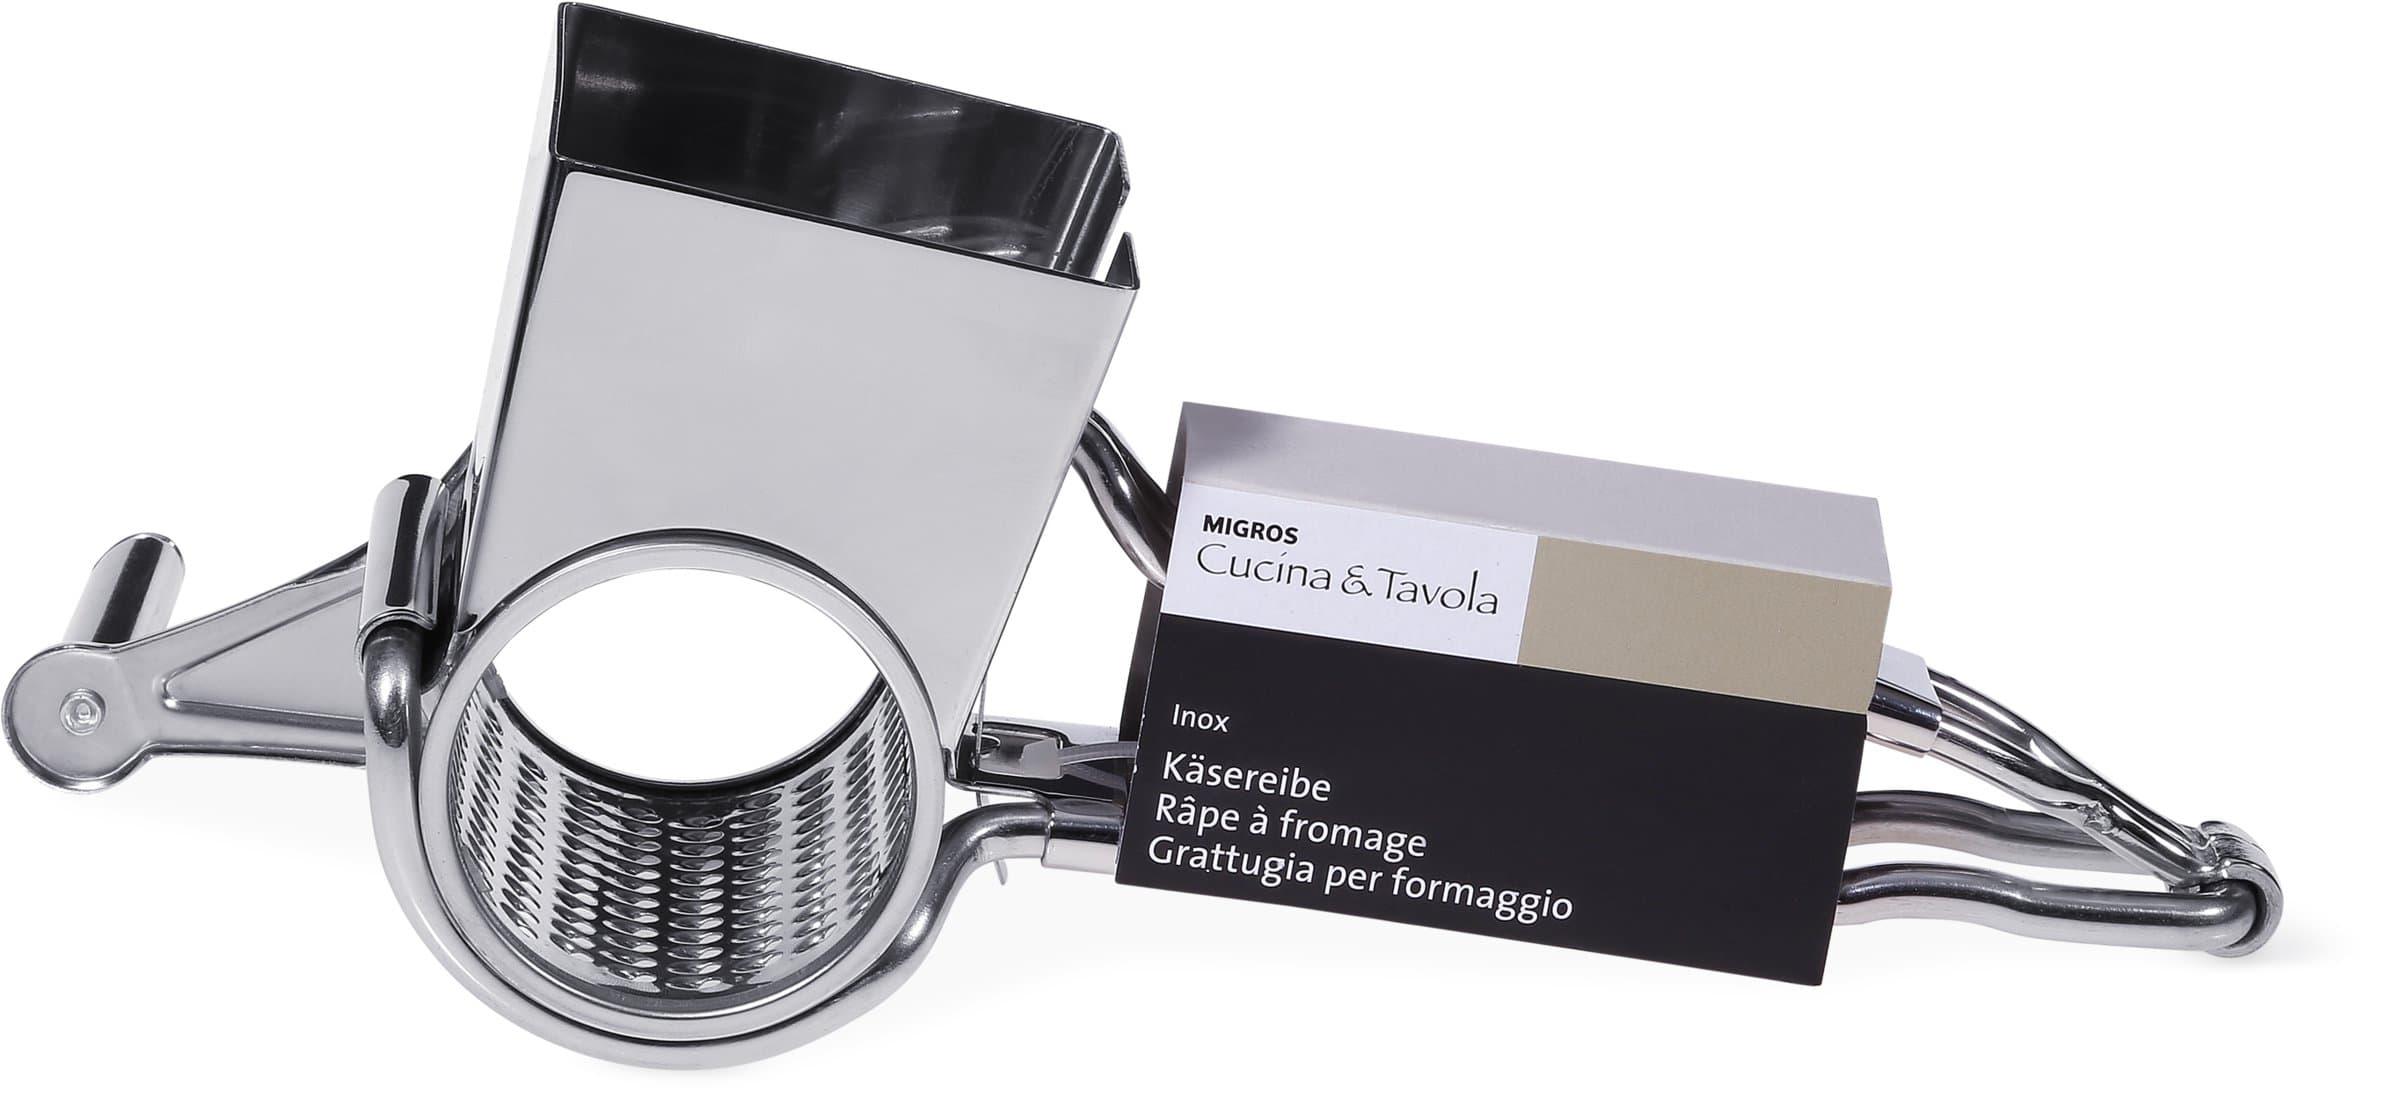 Cucina & Tavola CUCINA & TAVOLA Grattugia per fromaggio